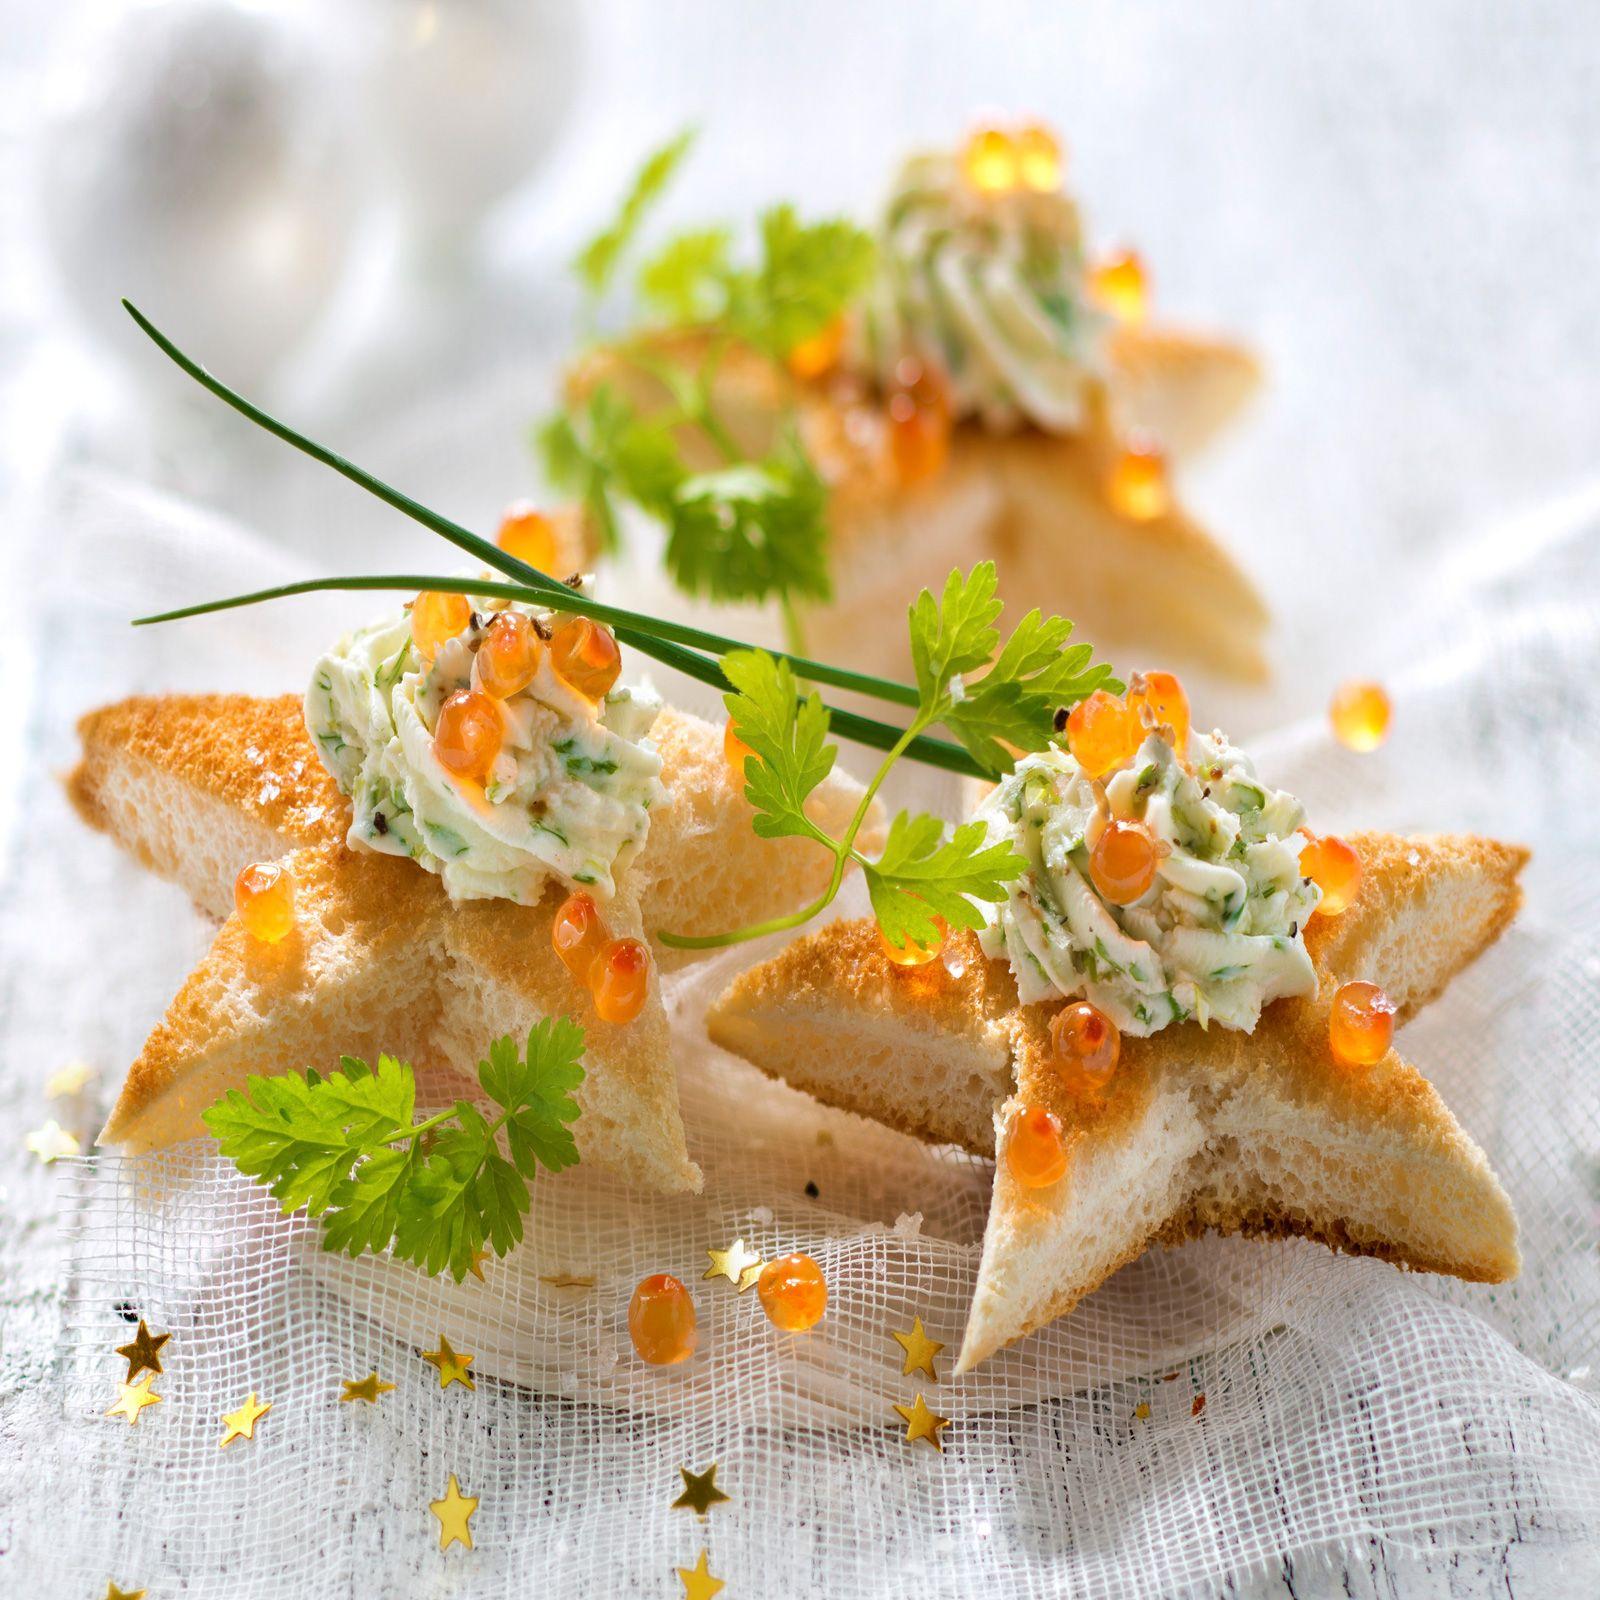 Les 25 meilleures id es de la cat gorie toast aperitif sur pinterest recette ap ro entre amis - Amuse bouche nouvel an ...